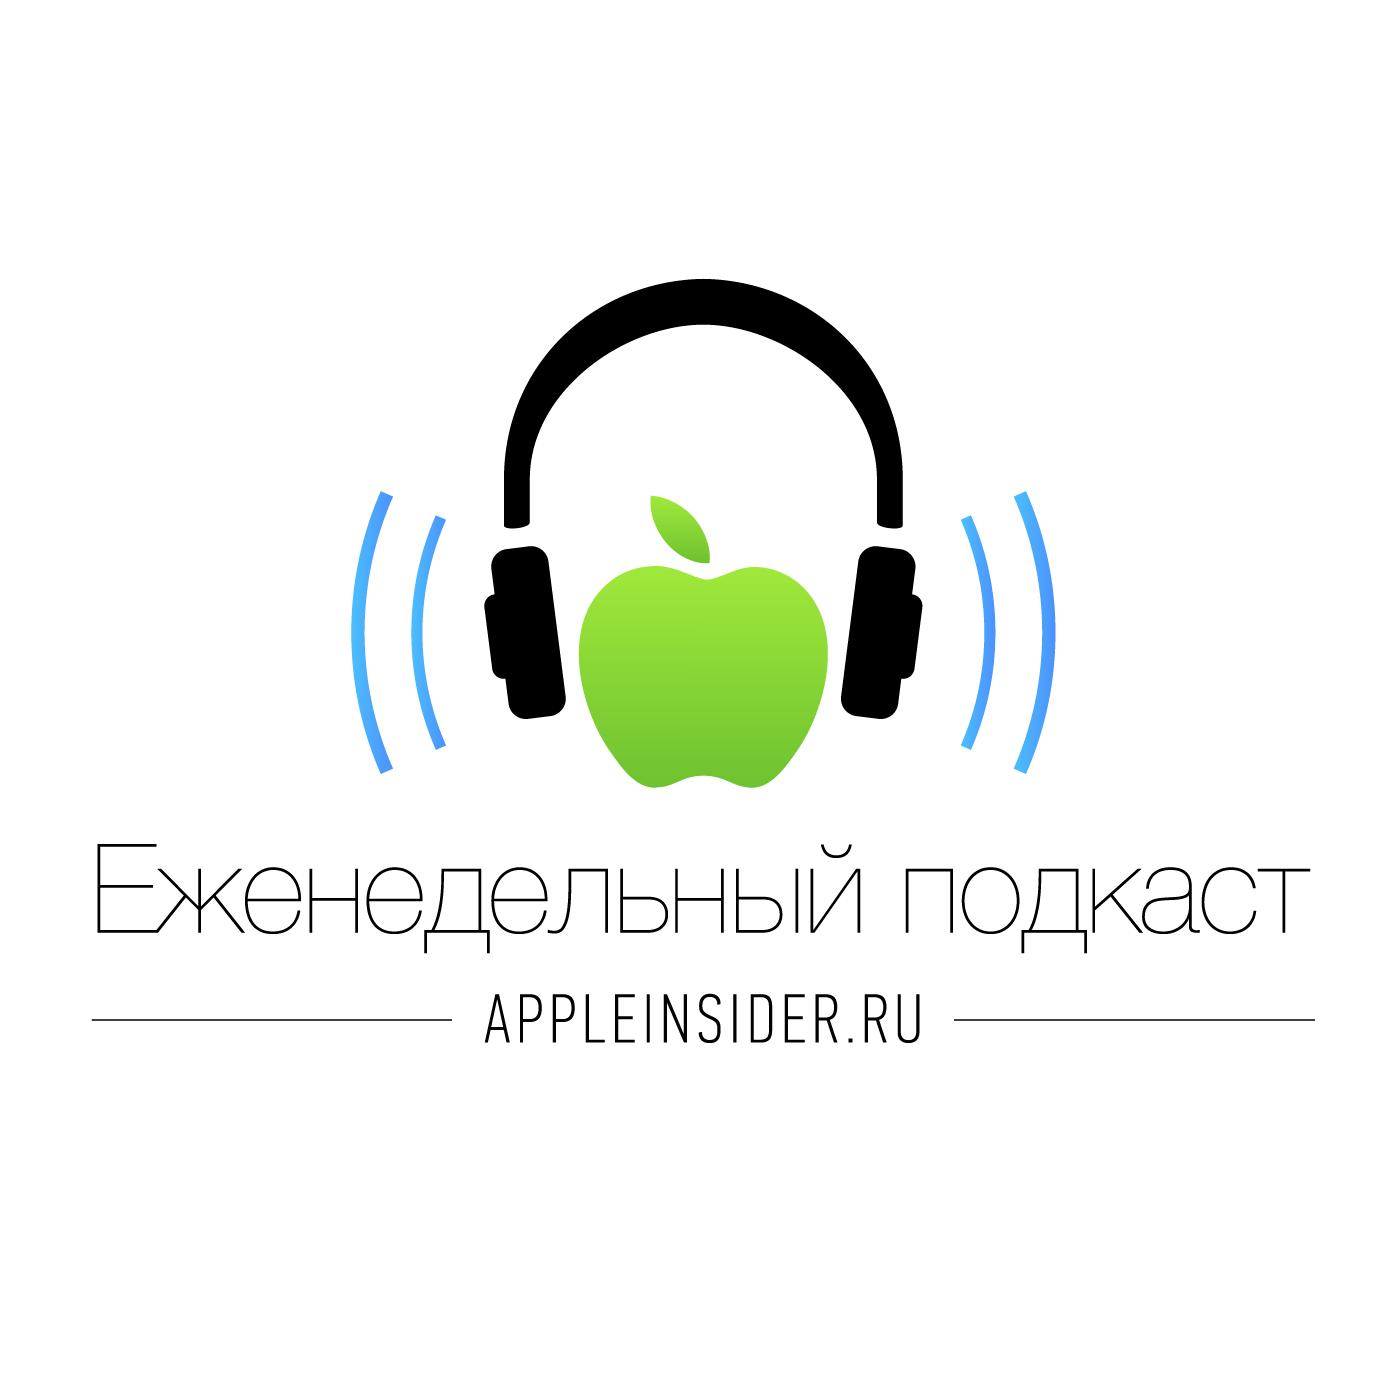 Миша Королев Apple понизила цены на технику в России миша королев чему равна наценка на iphone в российской рознице